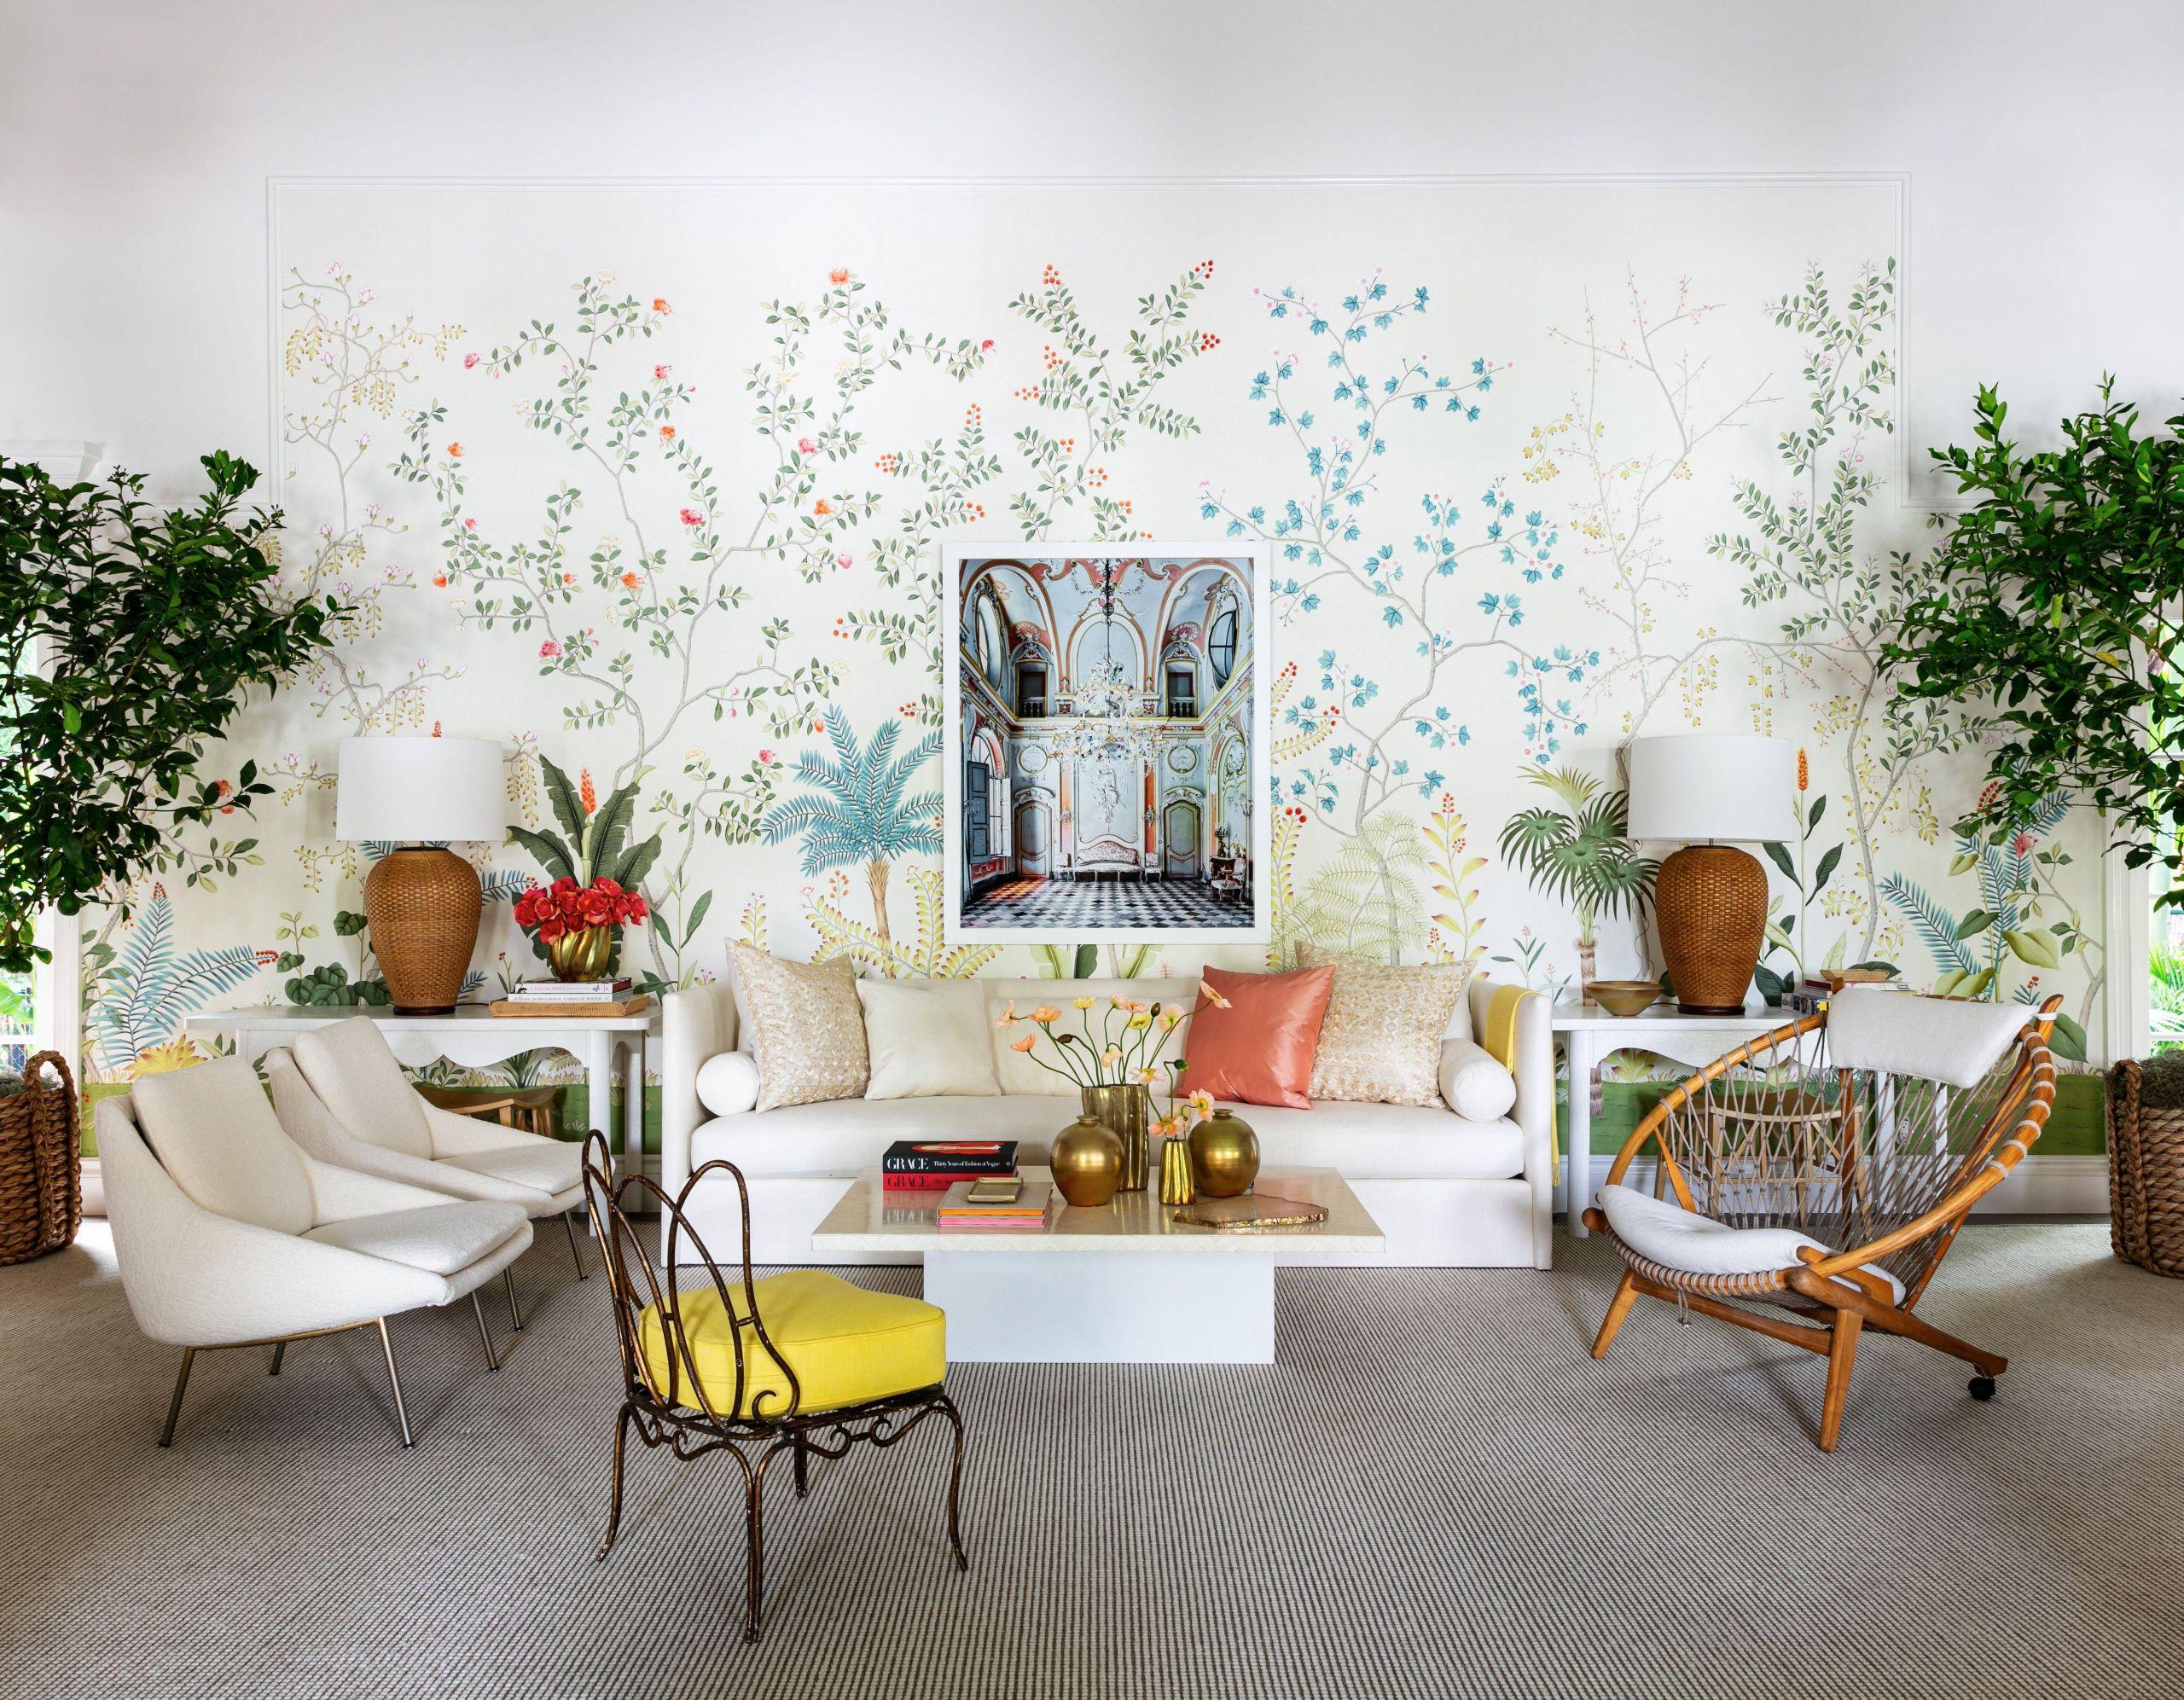 kasler modern wallpaper ideas veranda